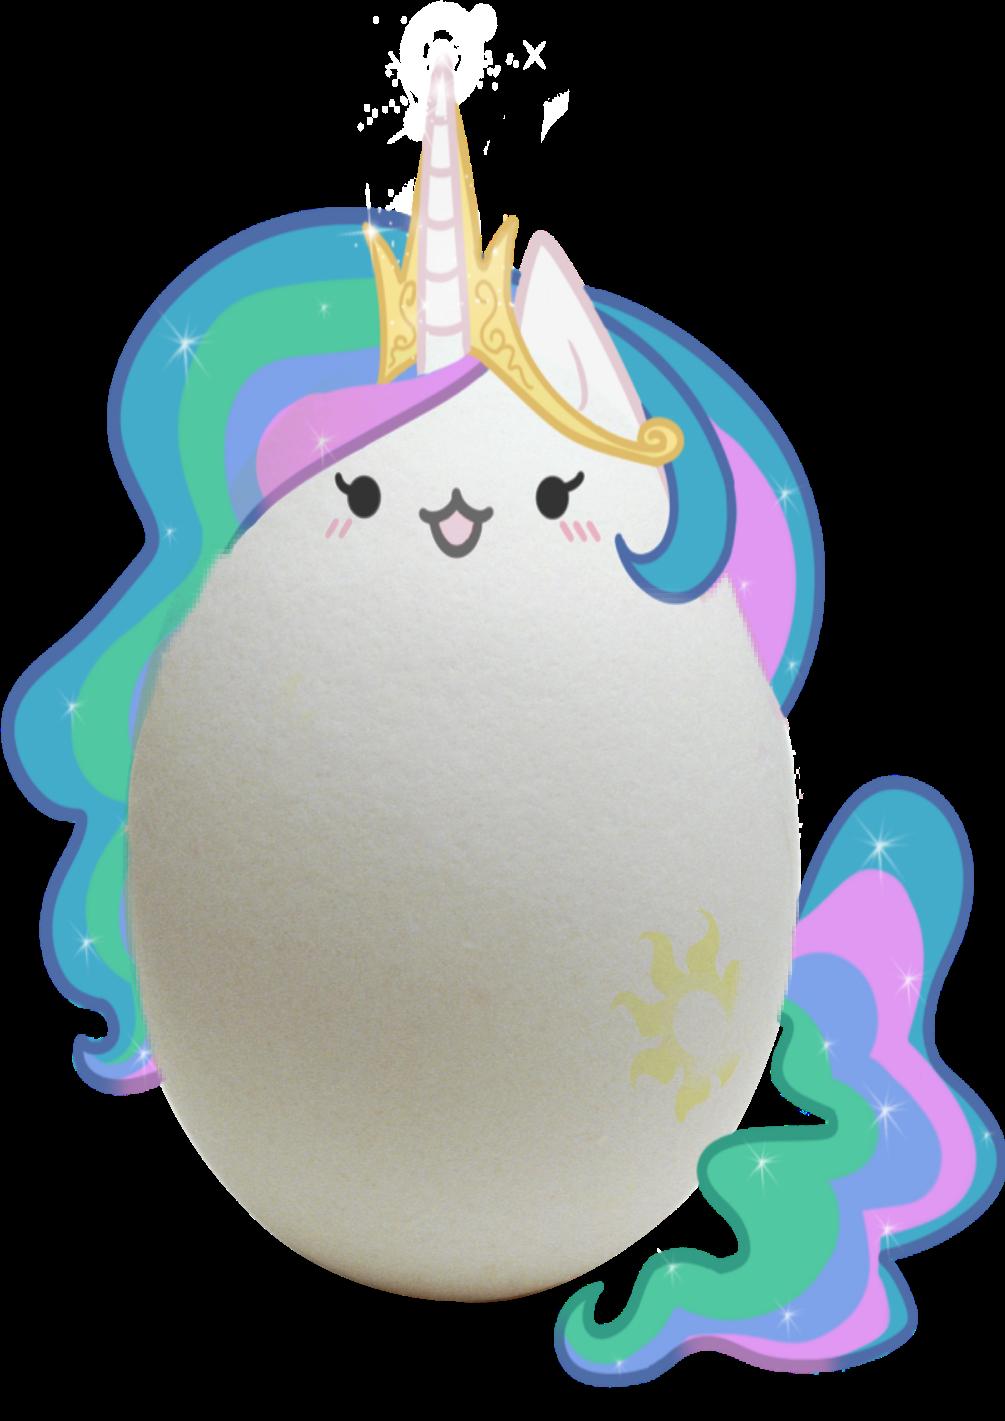 #huevo